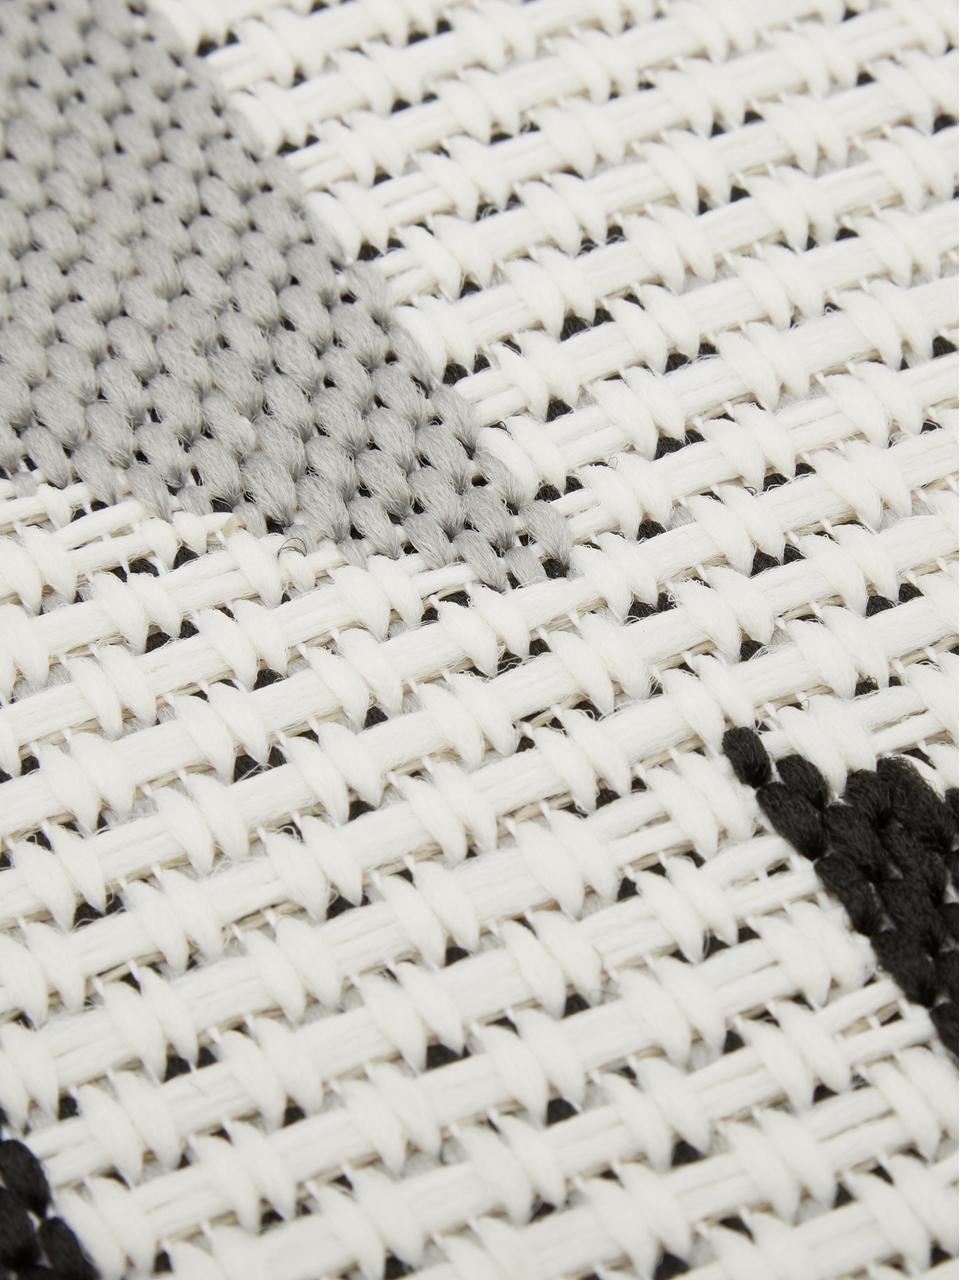 Tappeto etnico da interno-esterno Ikat, 86% polipropilene, 14% poliestere, Bianco crema, nero, grigio, Larg. 200 x Lung. 290 cm  (taglia L)